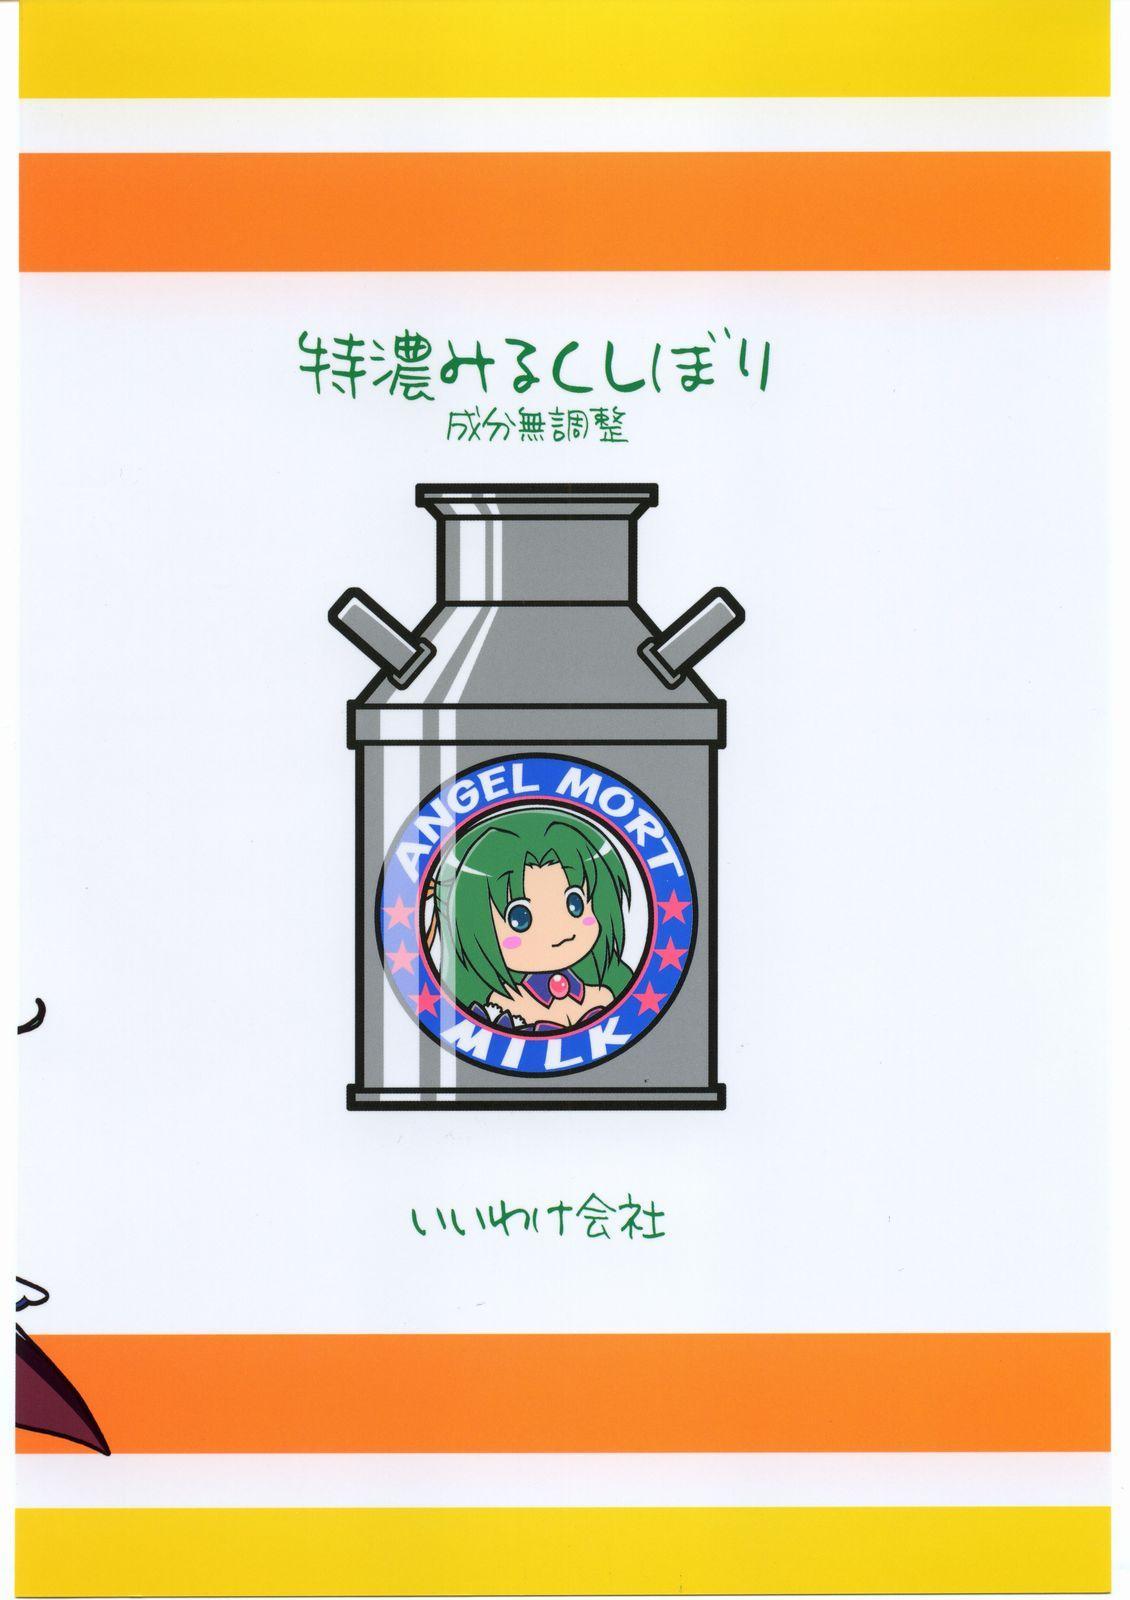 Tokunou Milk Shibori 21